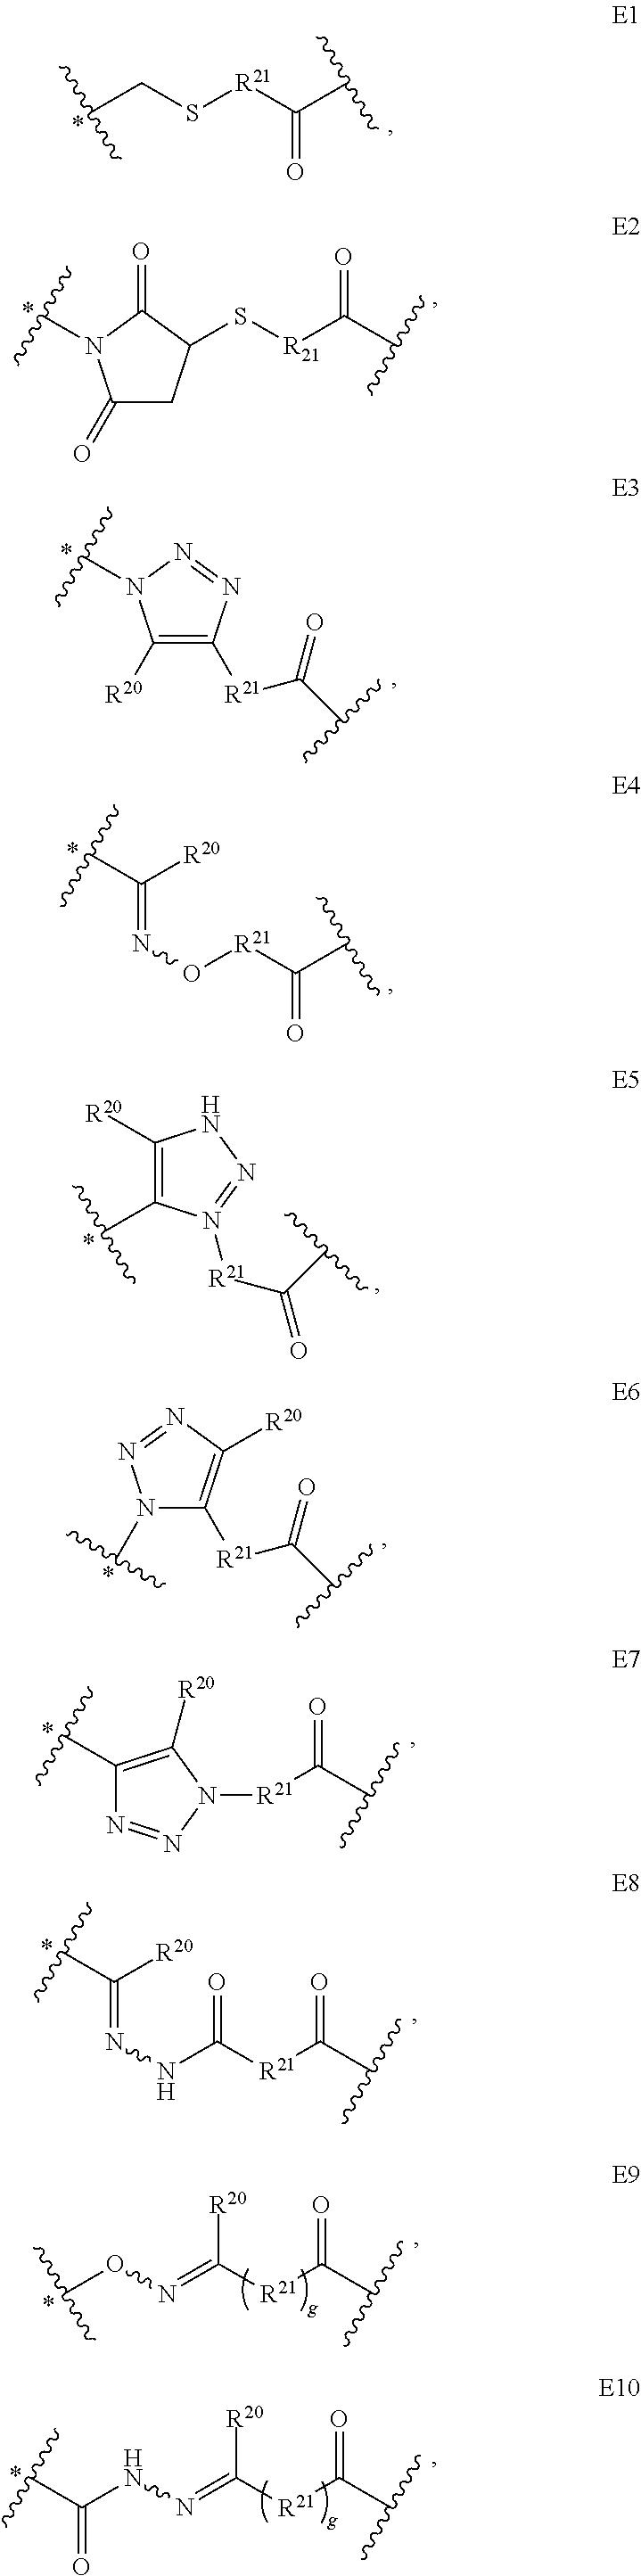 Figure US09764037-20170919-C00004